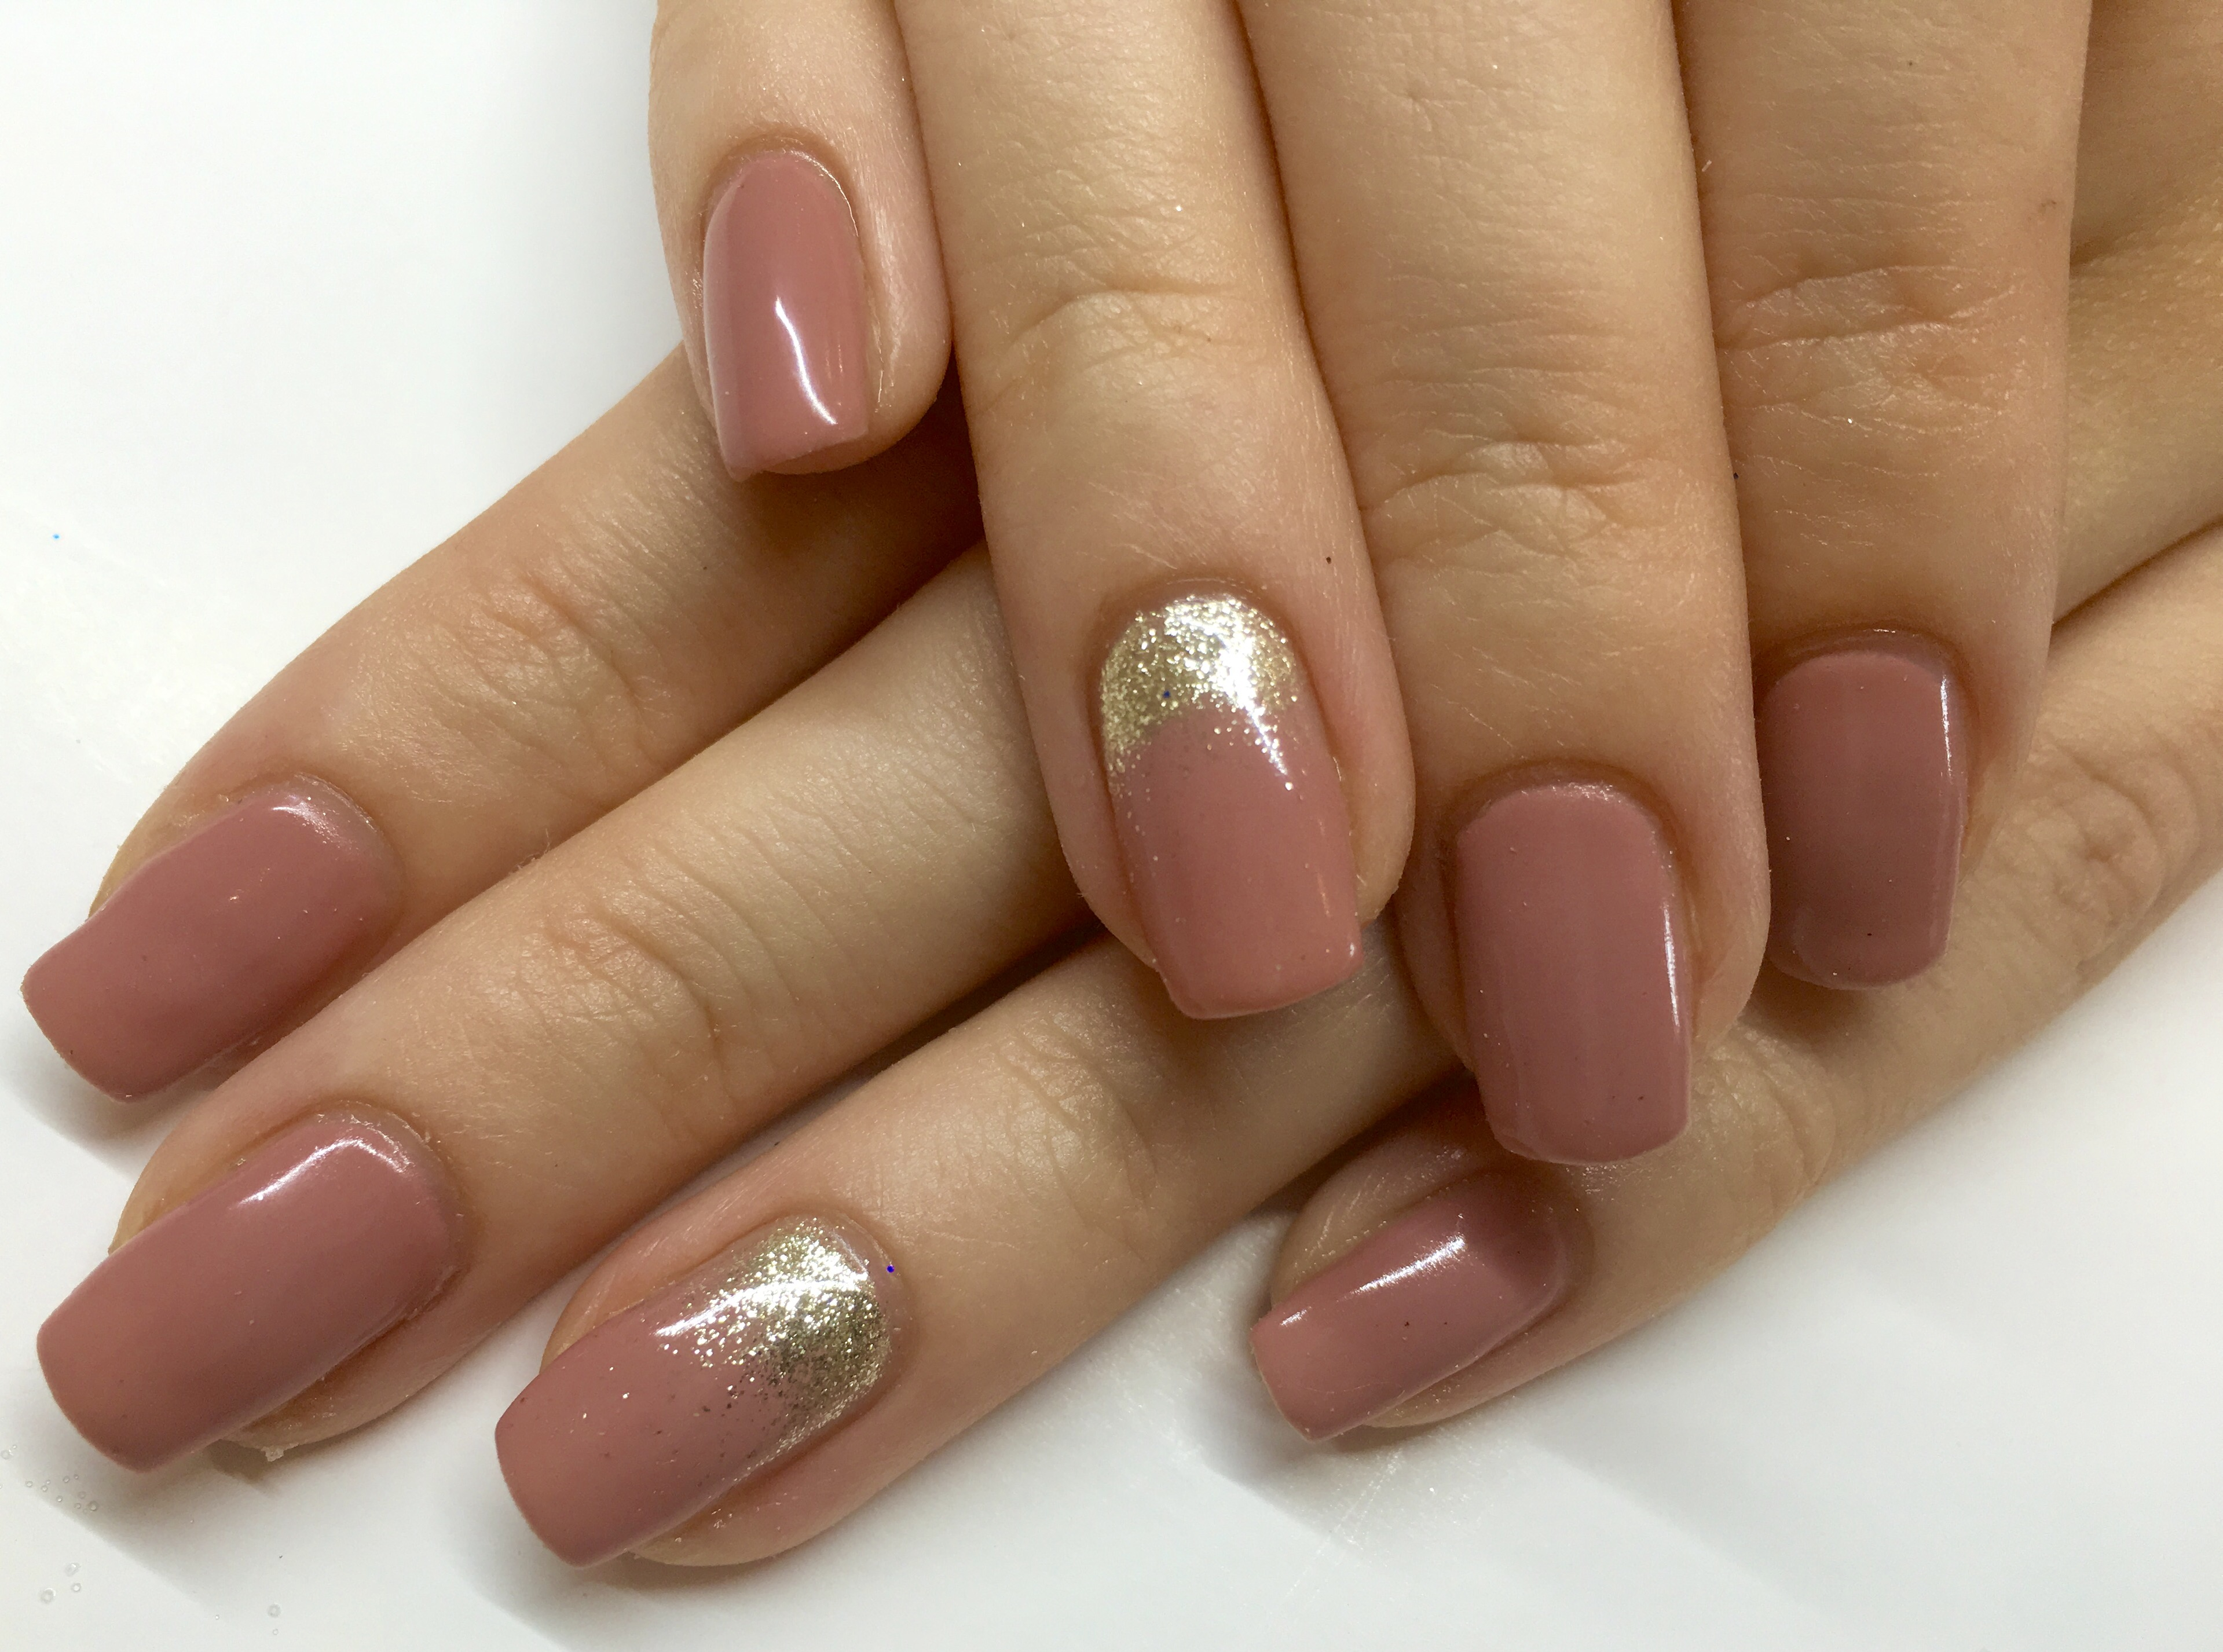 gel nails on natural nails photo - 2